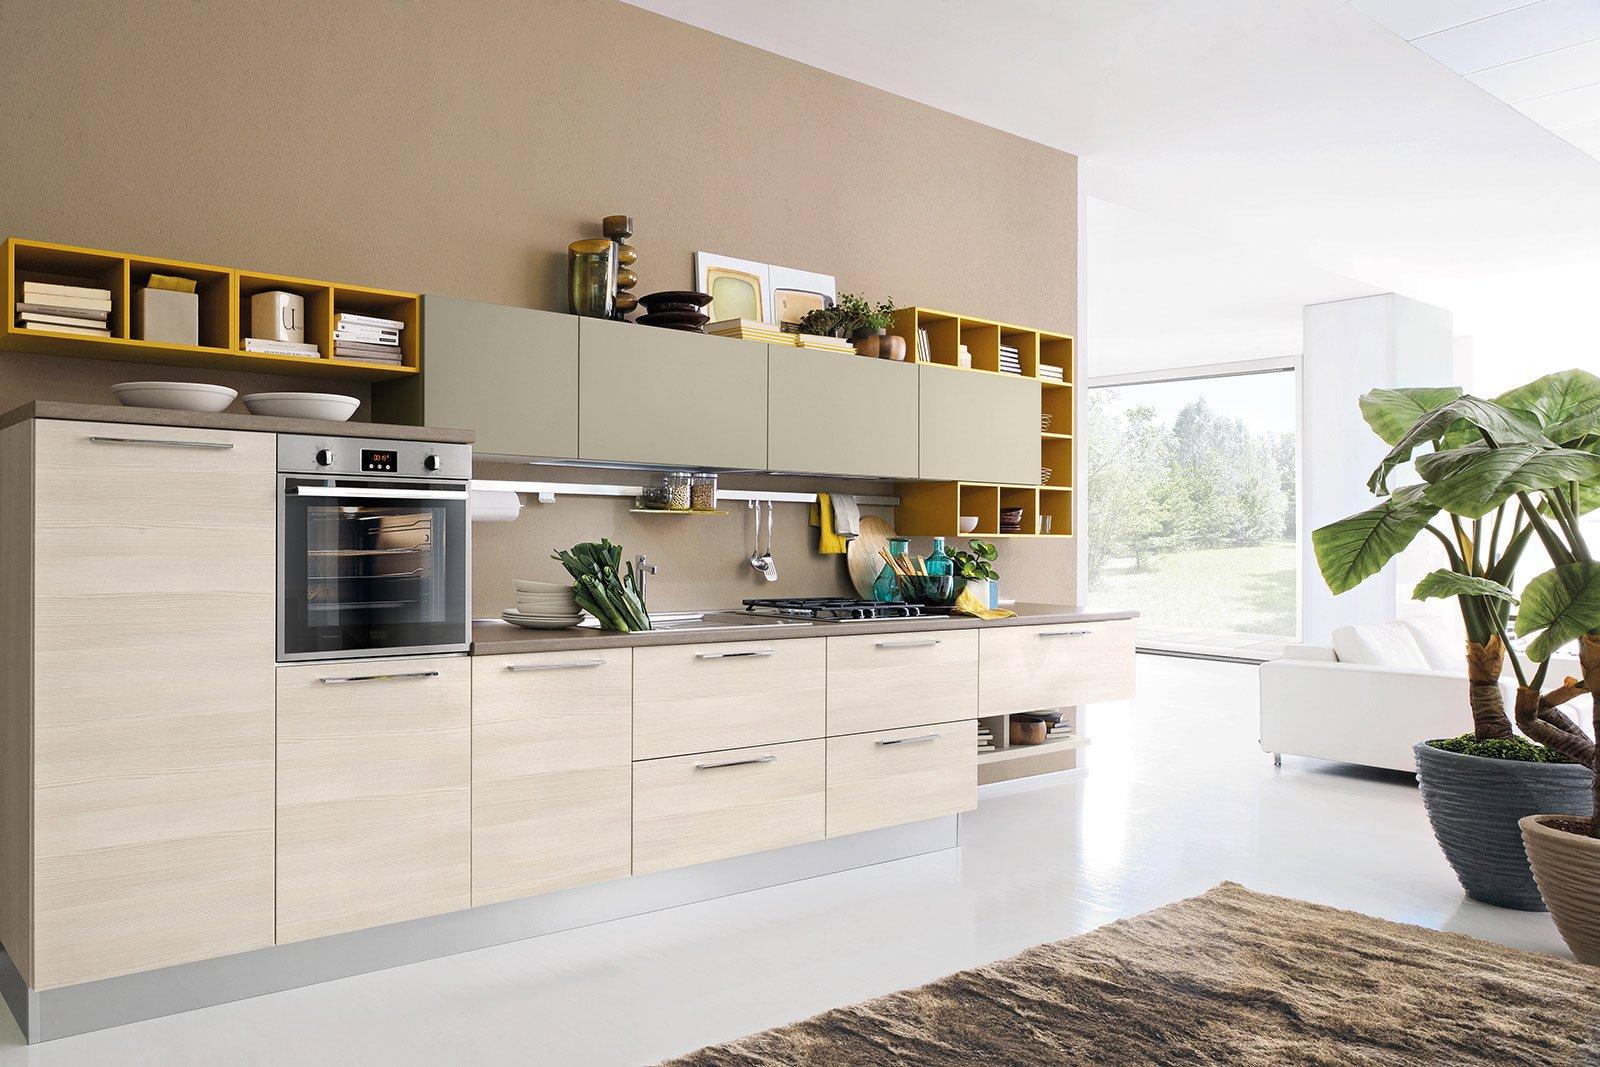 Nuove Cucine: Con Un Tocco Di Colore Fluo Cose Di Casa #A47E27 1600 1067 Foto Di Cucine In Stile Provenzale